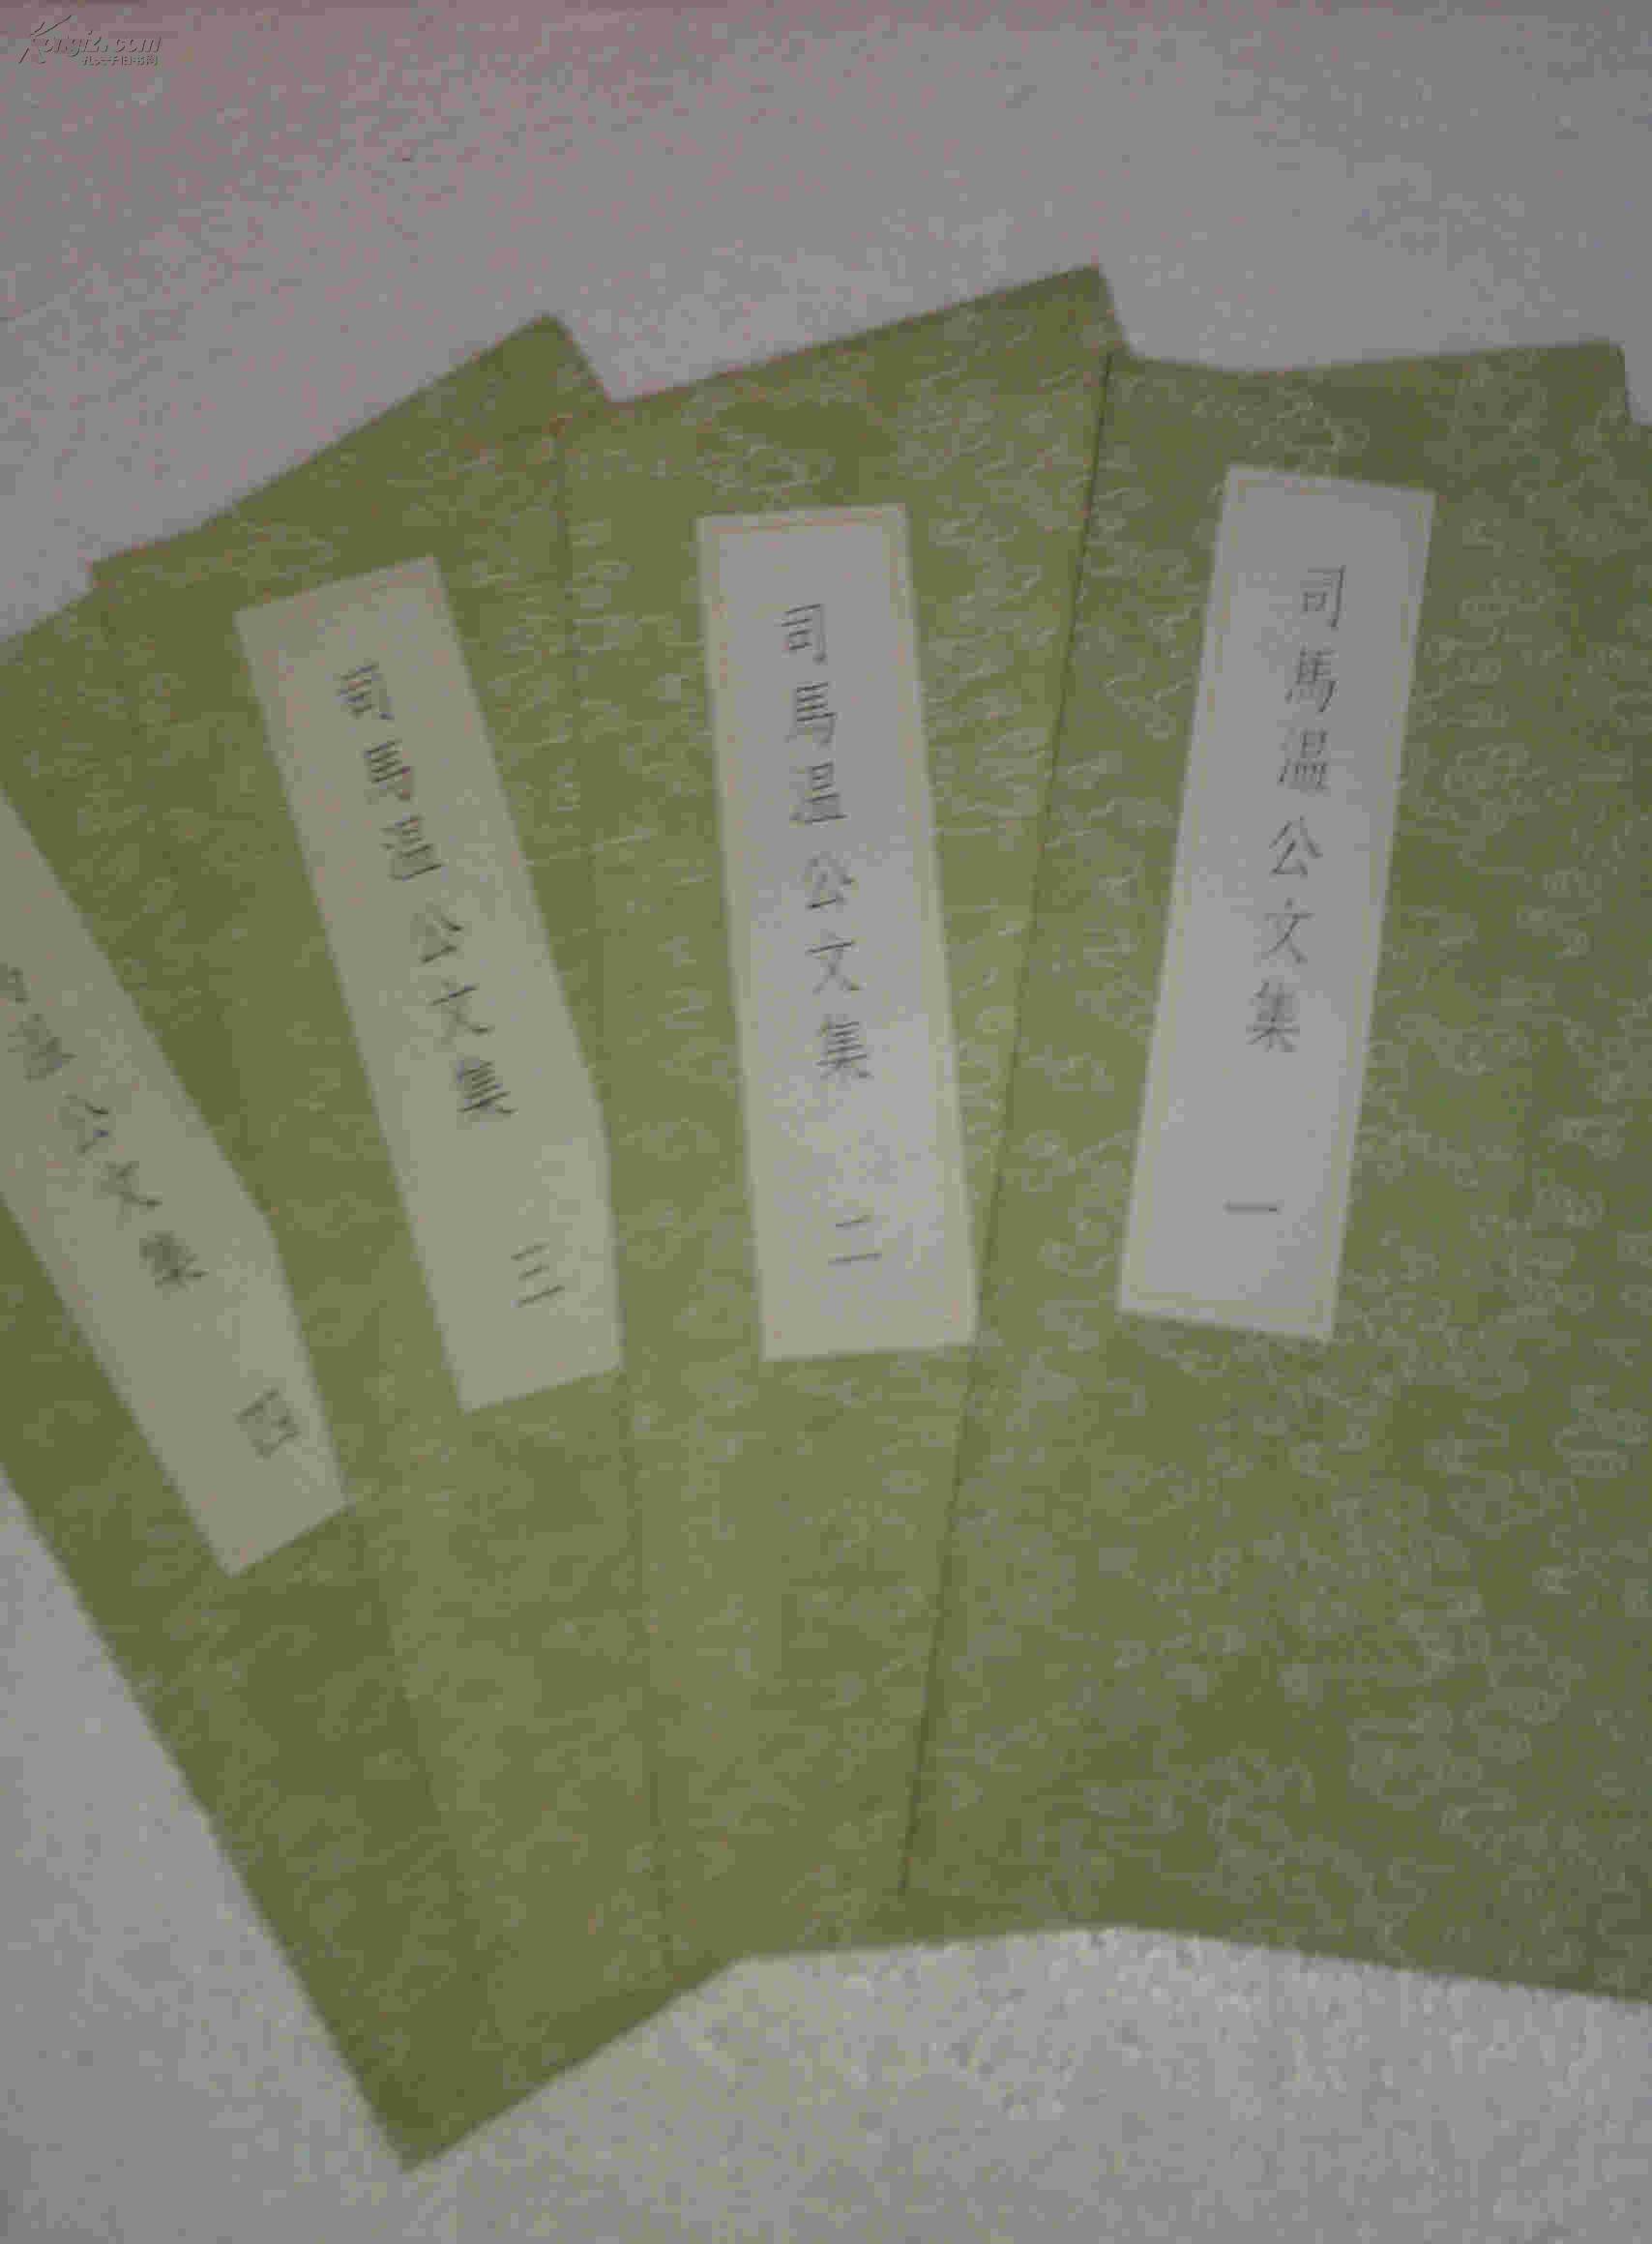 司马温公文集  全四册  私藏未阅近全新  中华书局1985年影印版